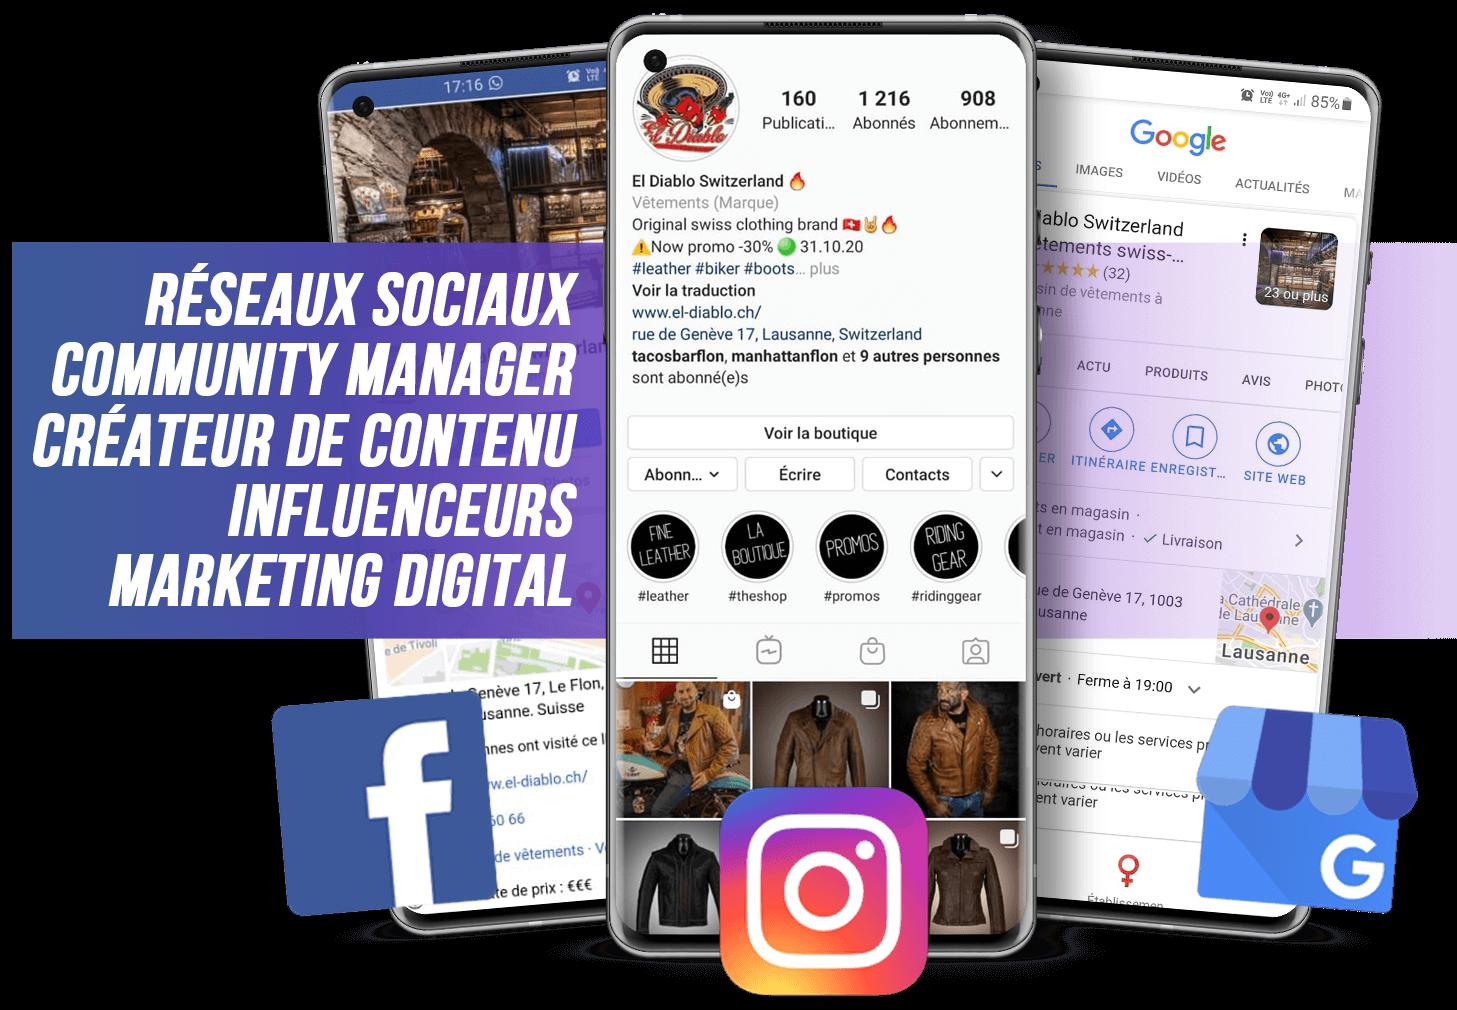 réseaux sociaux community manager instragram facebook